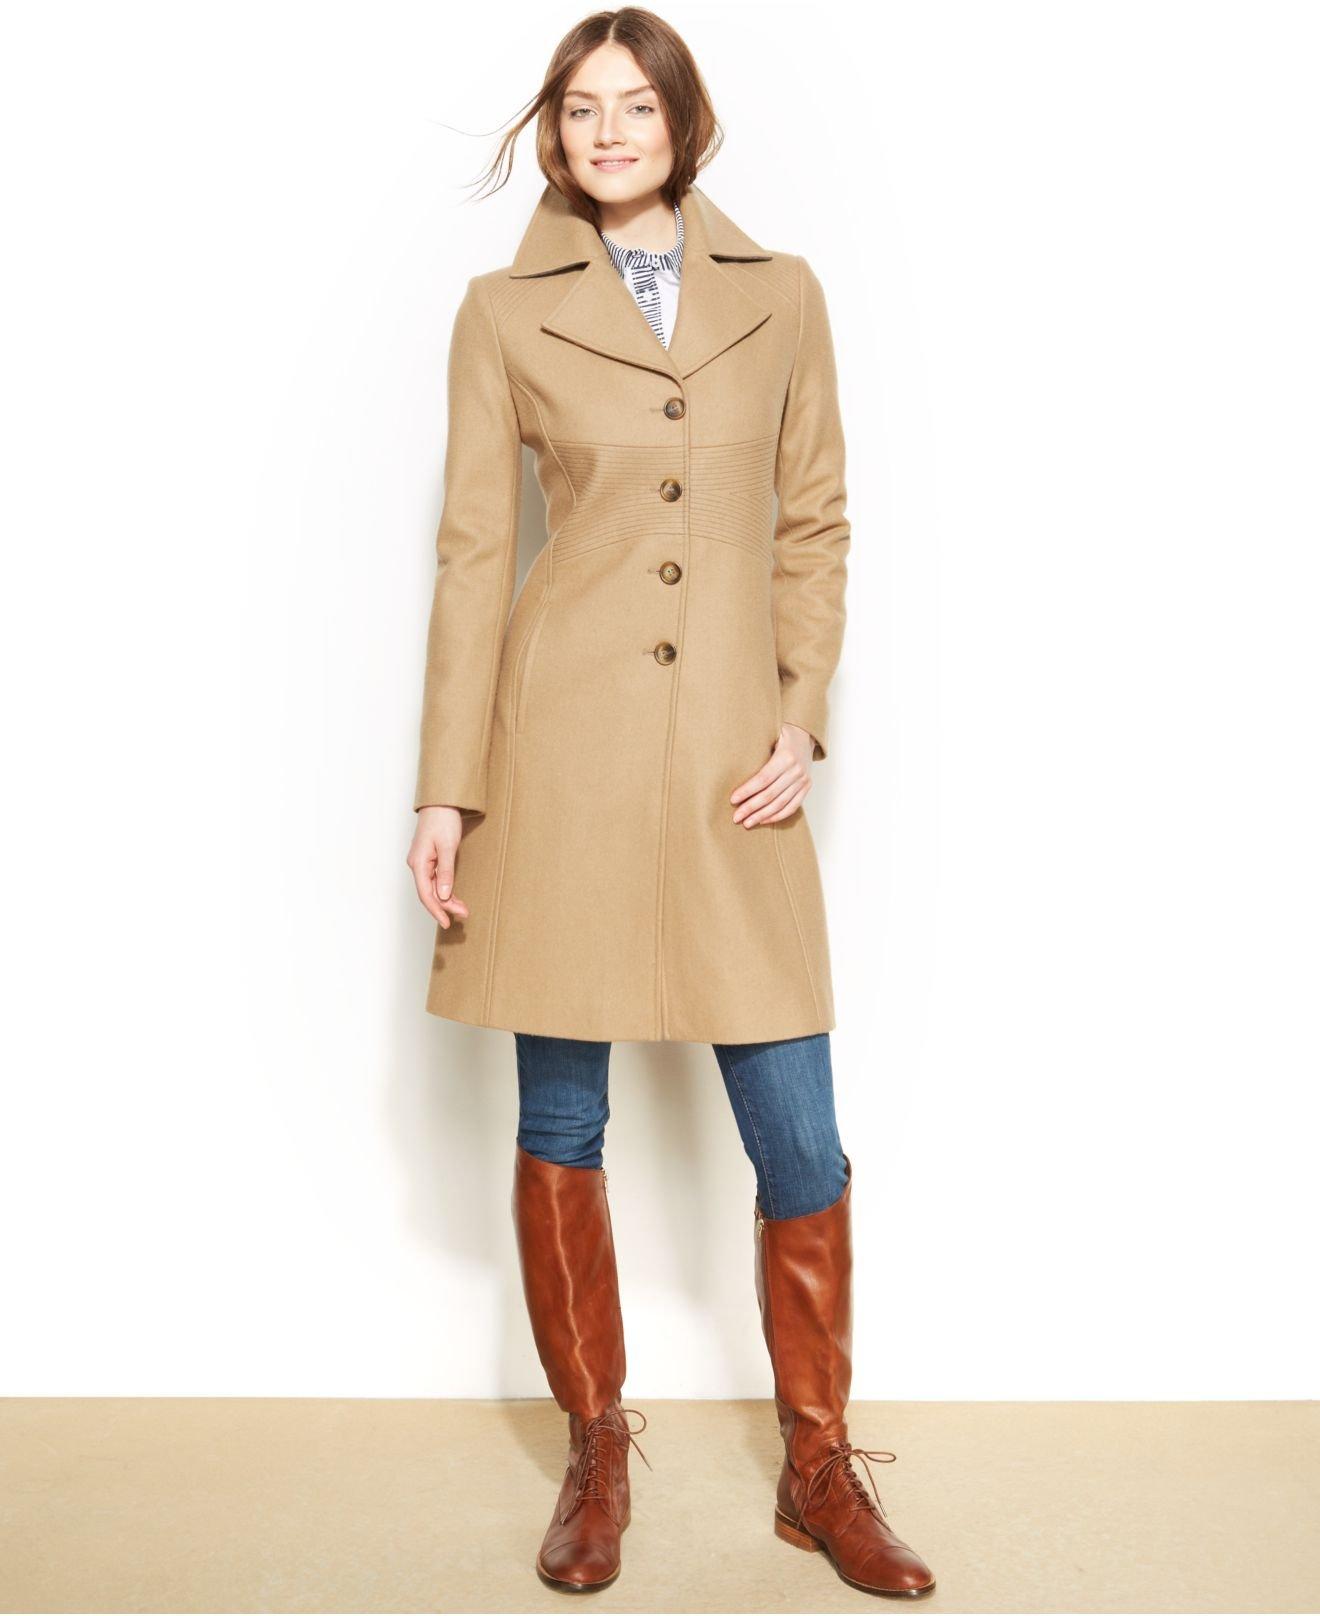 Tommy hilfiger Wool-Blend Walker Coat in Natural | Lyst